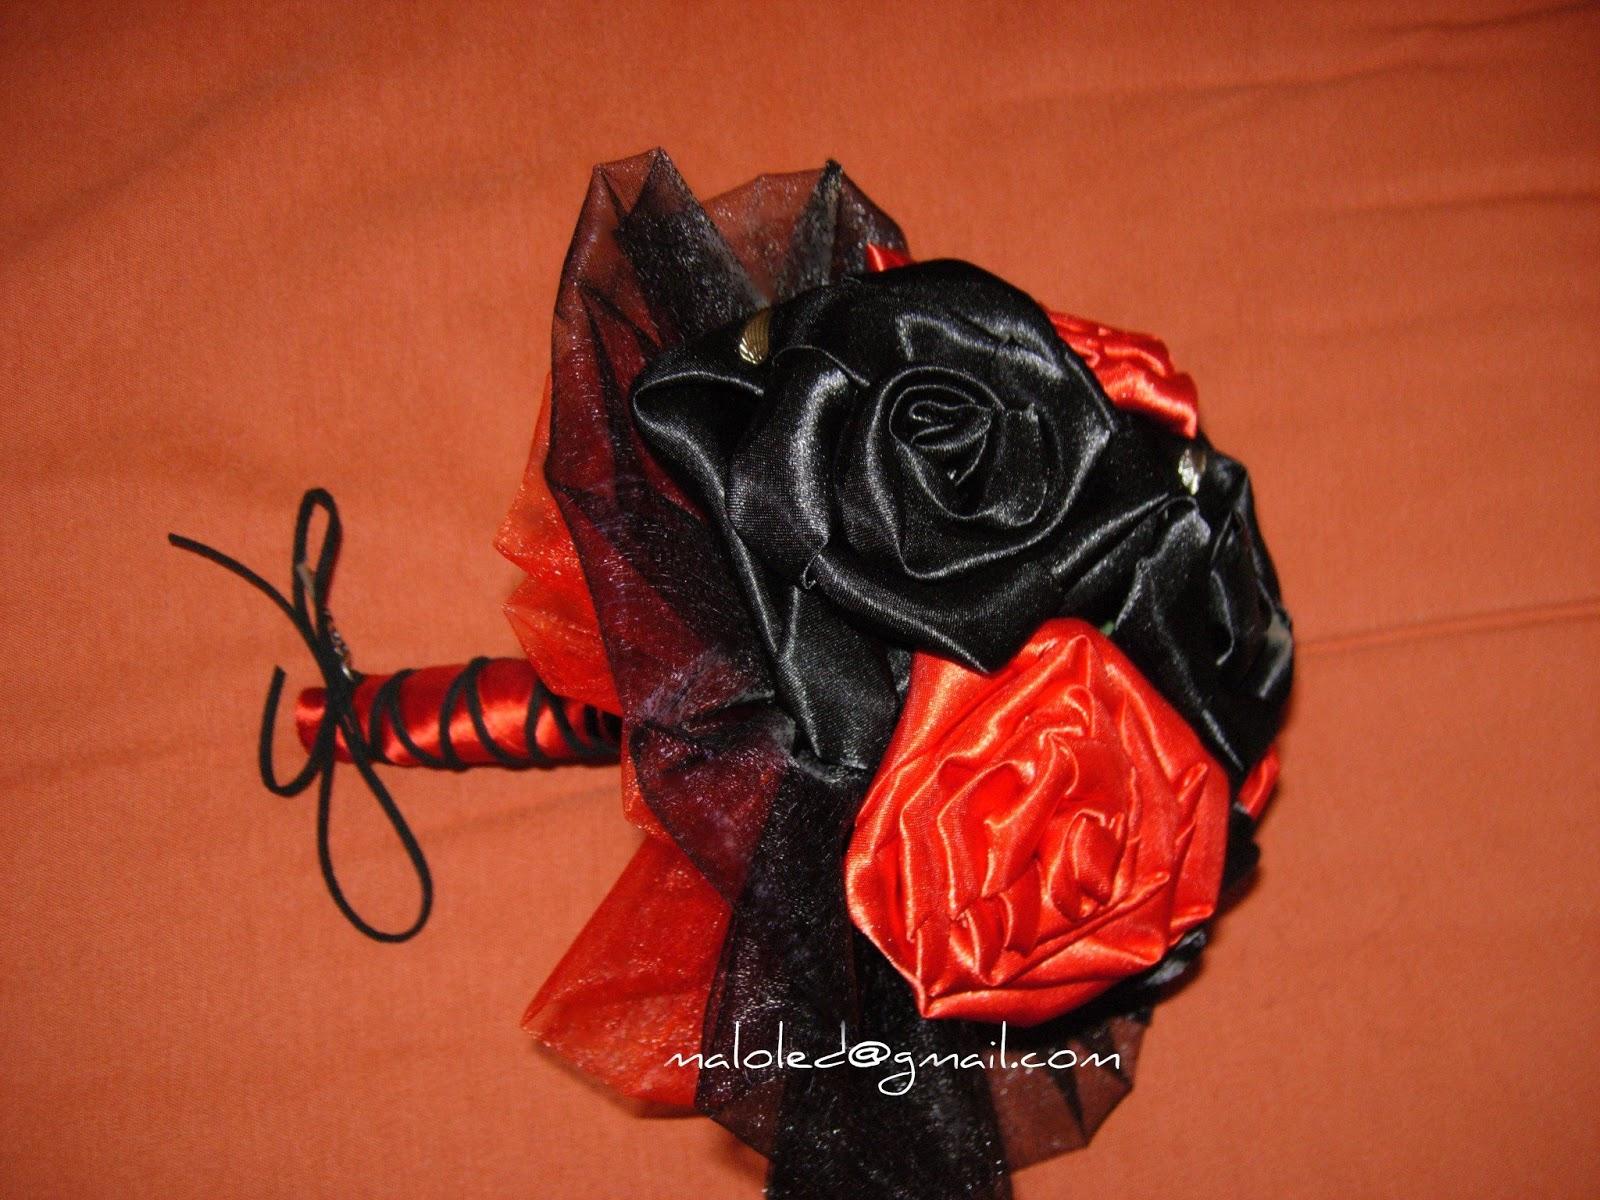 Ramos De Rosas Negras Imagenes - Rosas Negras Imágenes De Archivo Vectores 123RF